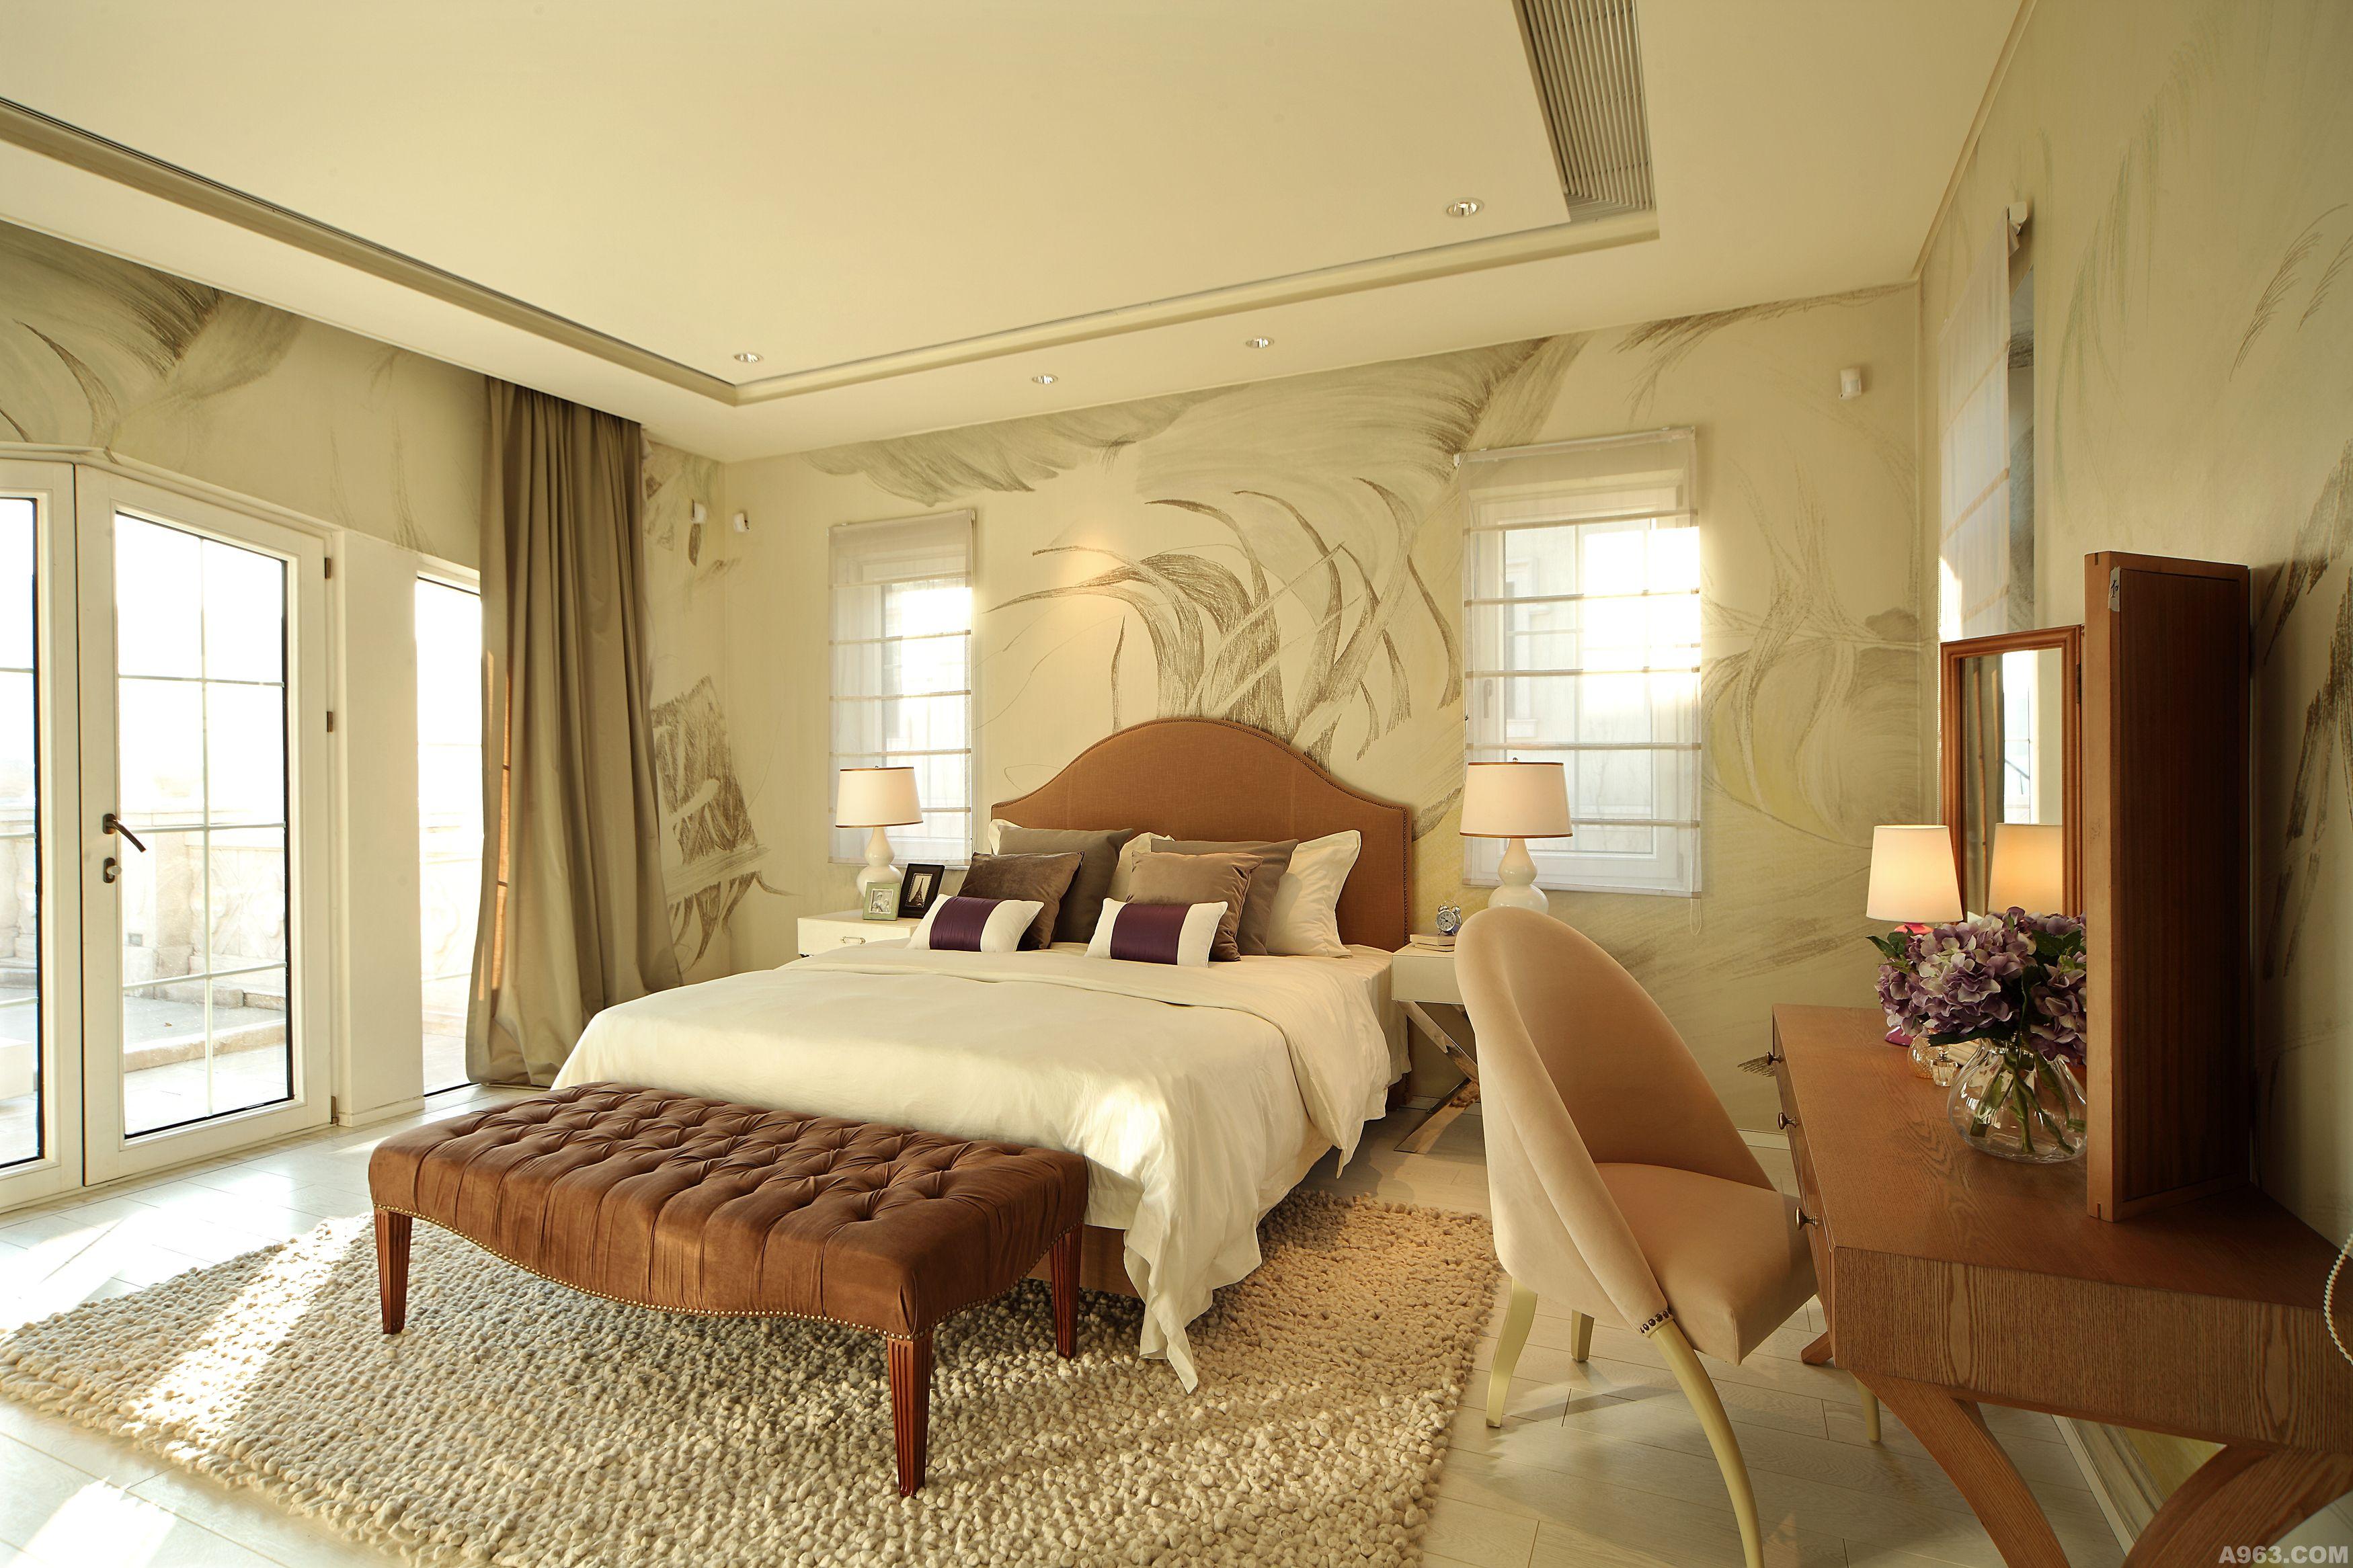 背景墙 房间 家居 酒店 起居室 设计 卧室 卧室装修 现代 装修 3500